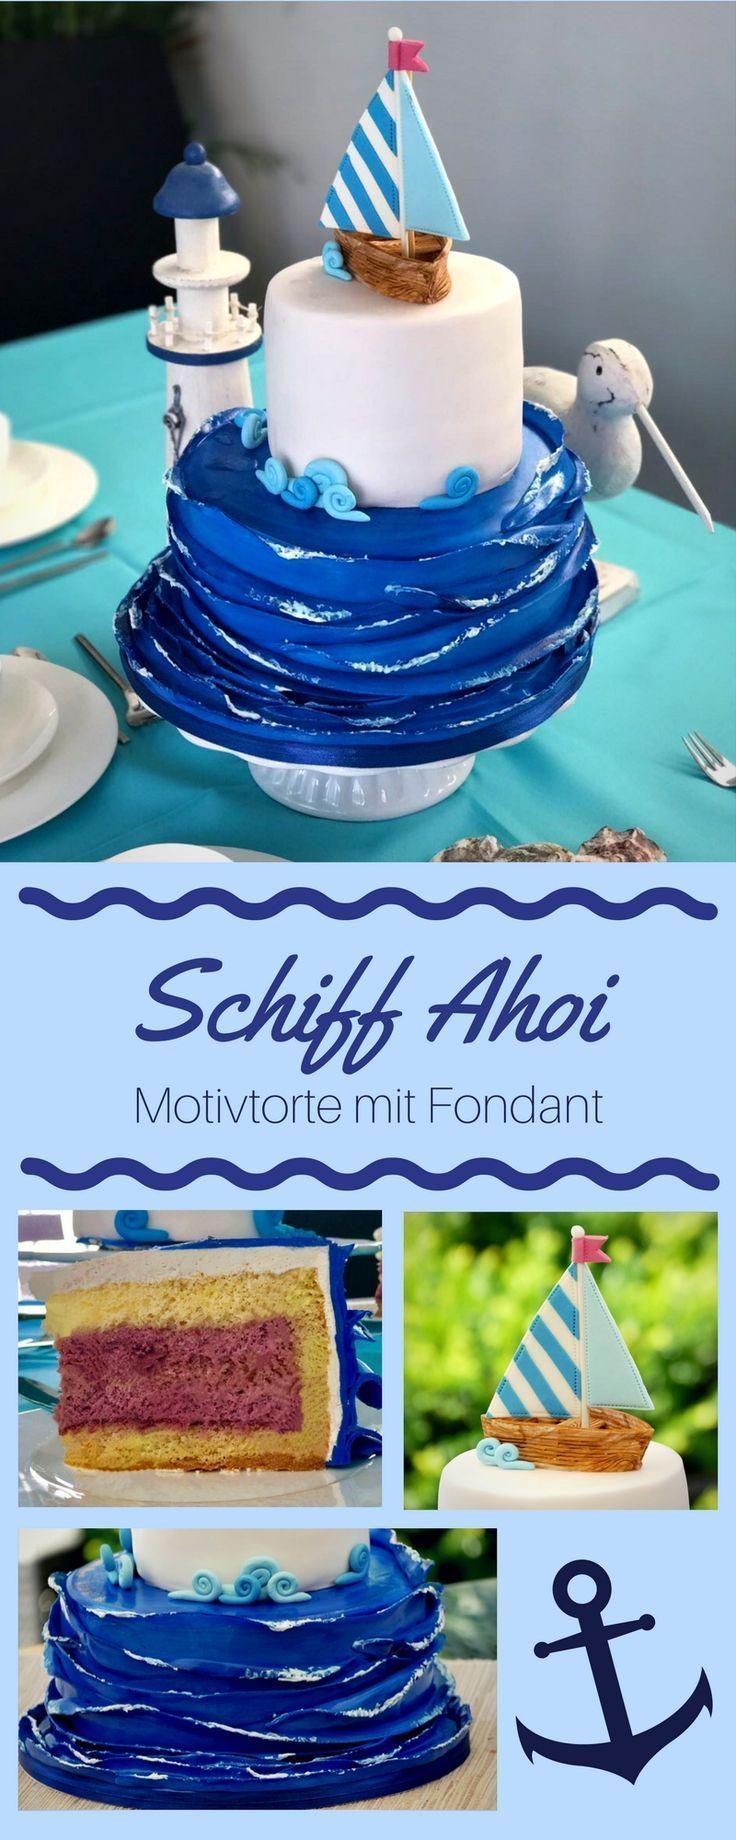 #Caketoppercakedecorationthemecakes #Fondant #Maritime #with #Motives – Birthday … – Torten